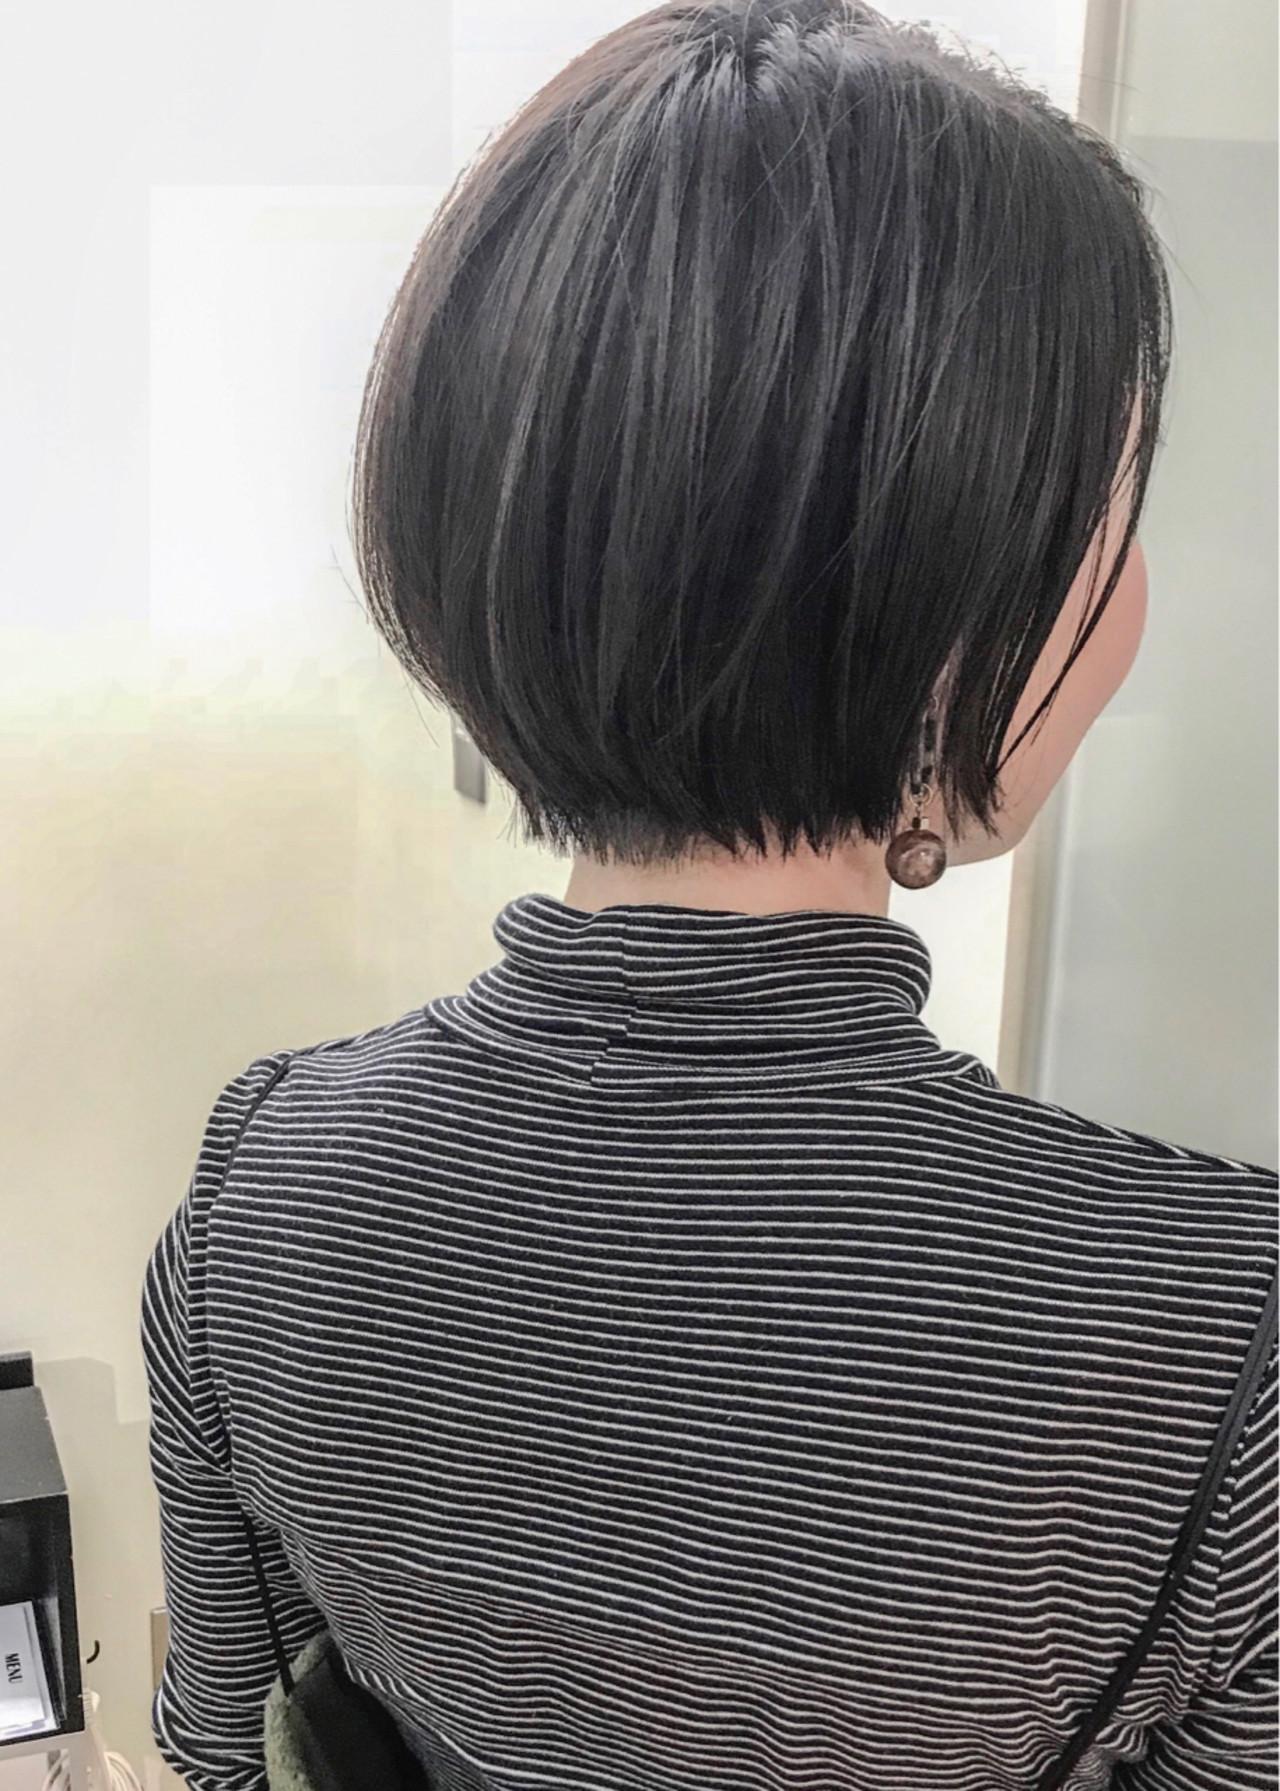 横顔美人♡黒髪ショートボブはウェット感が大事 yumiko/sapporoSKNOW | SKNOW